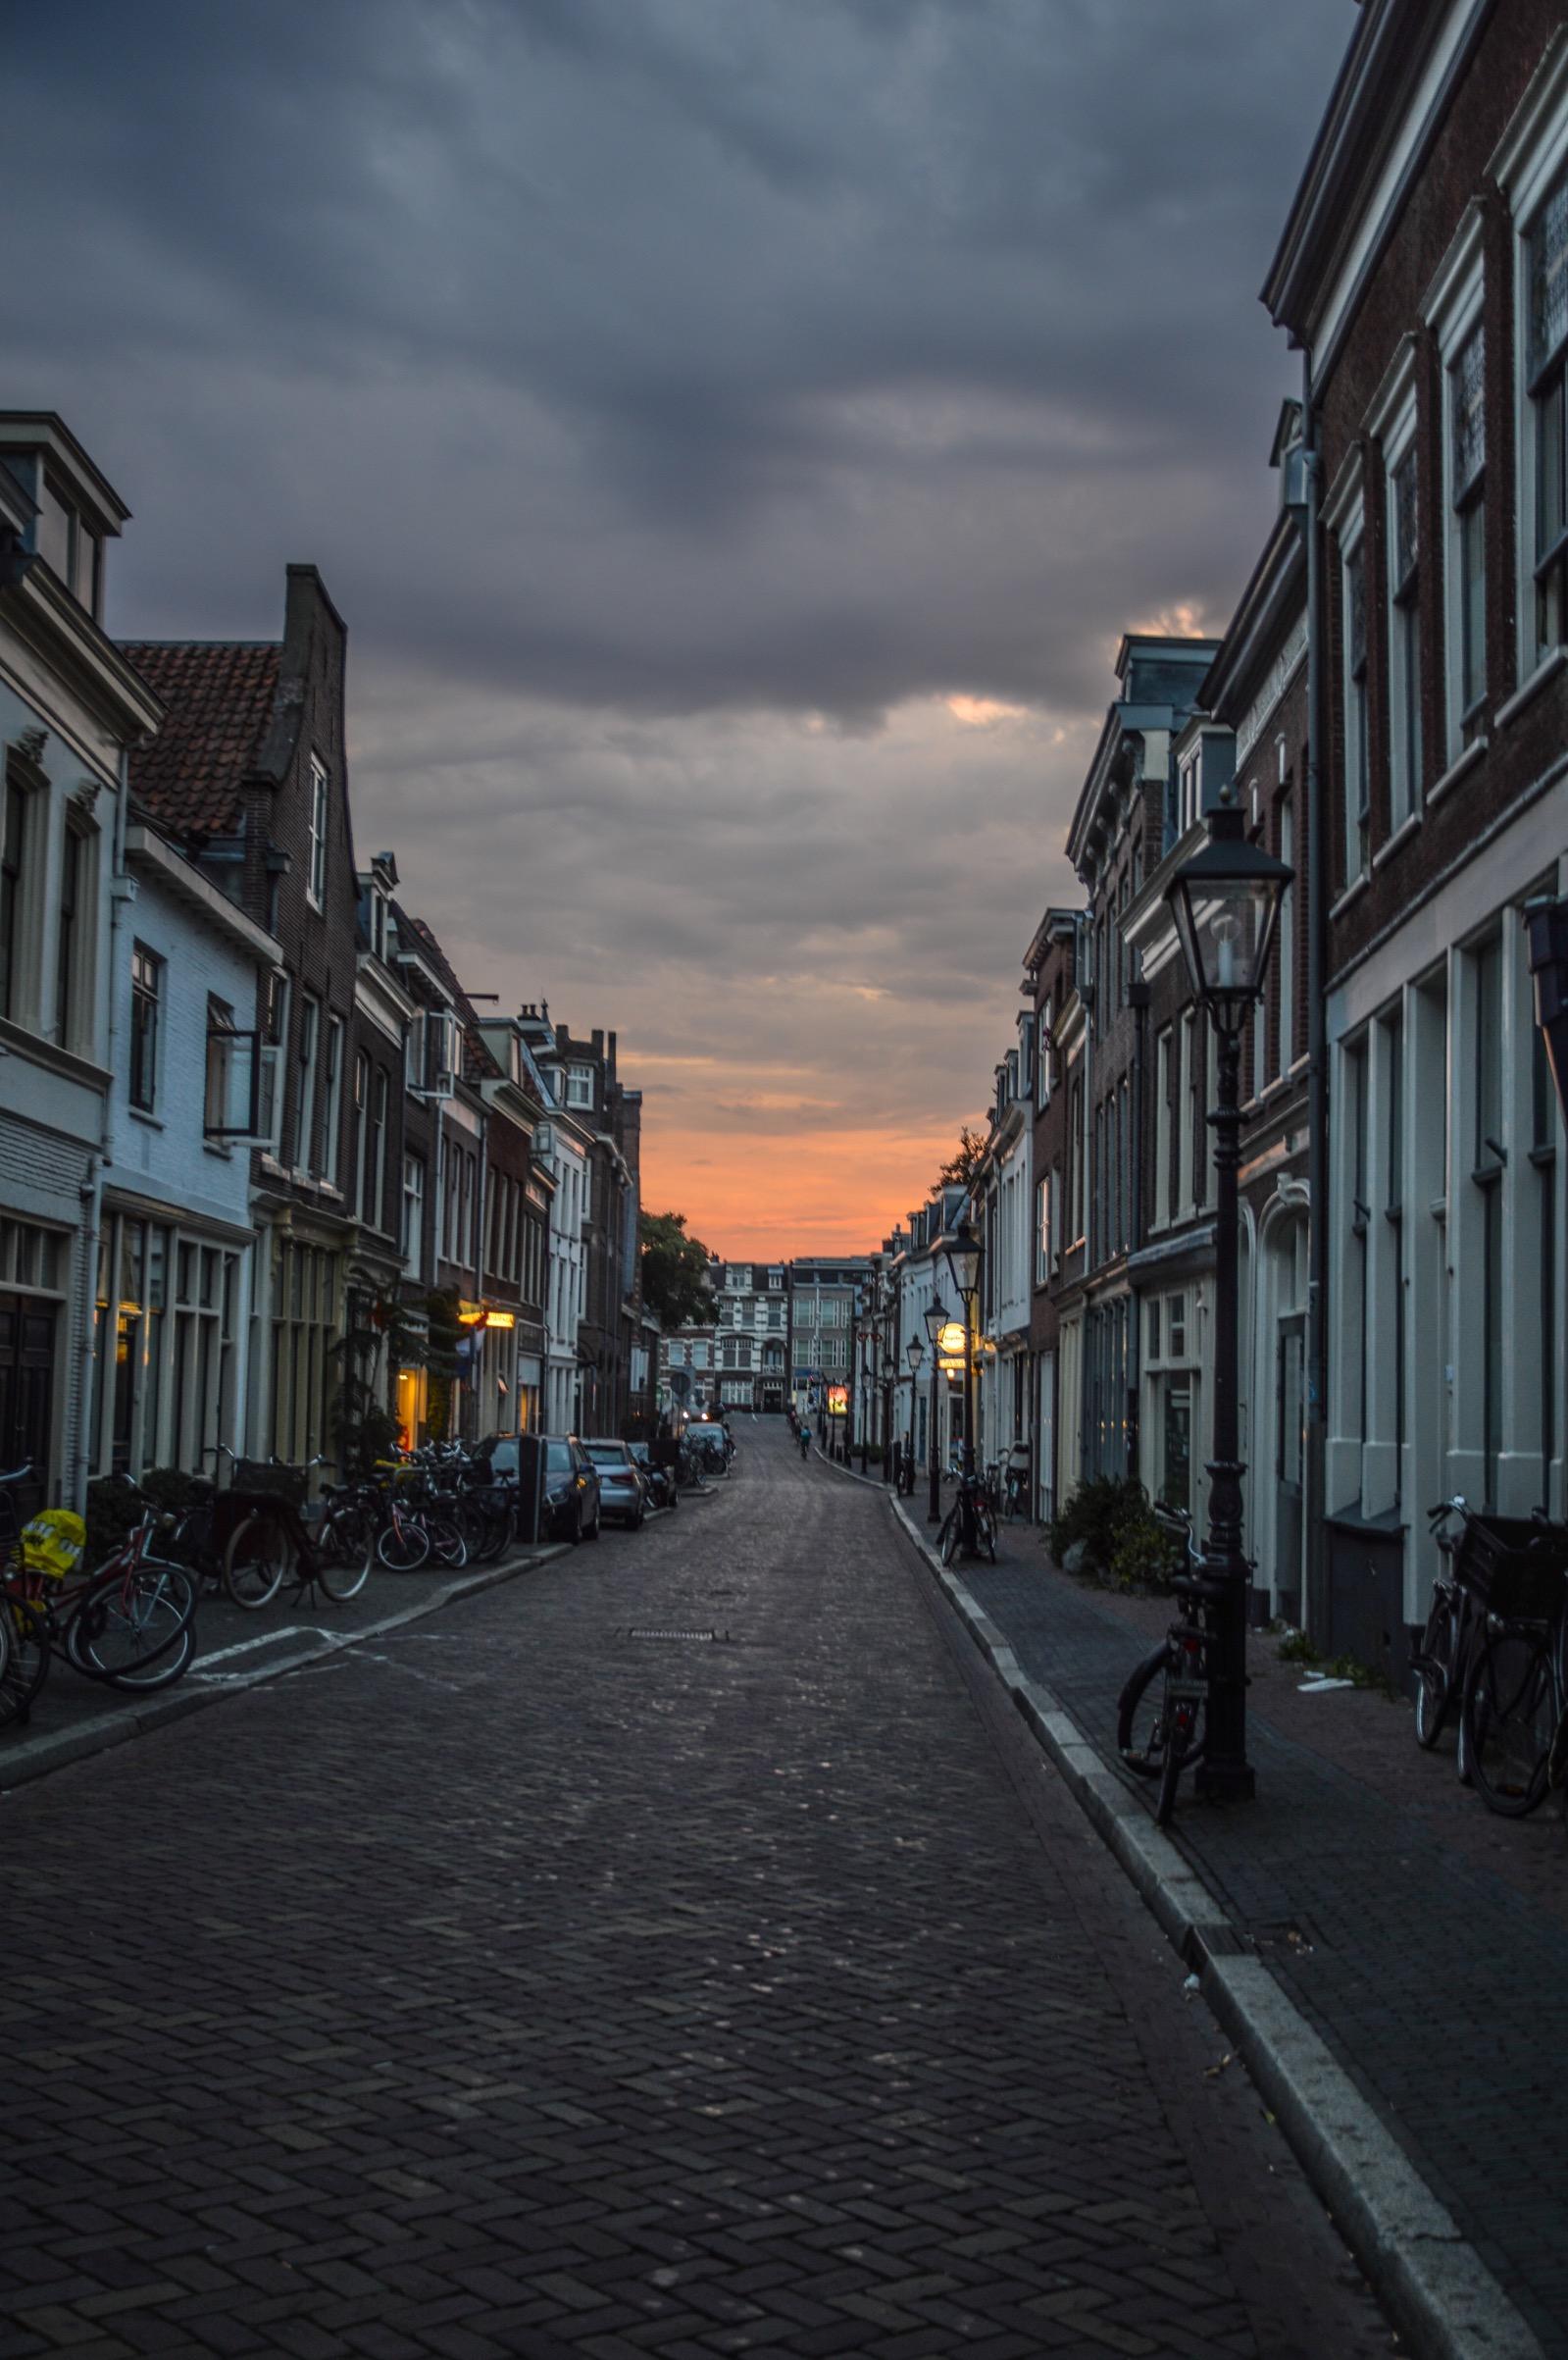 Sunset in Utrecht, the Netherlands